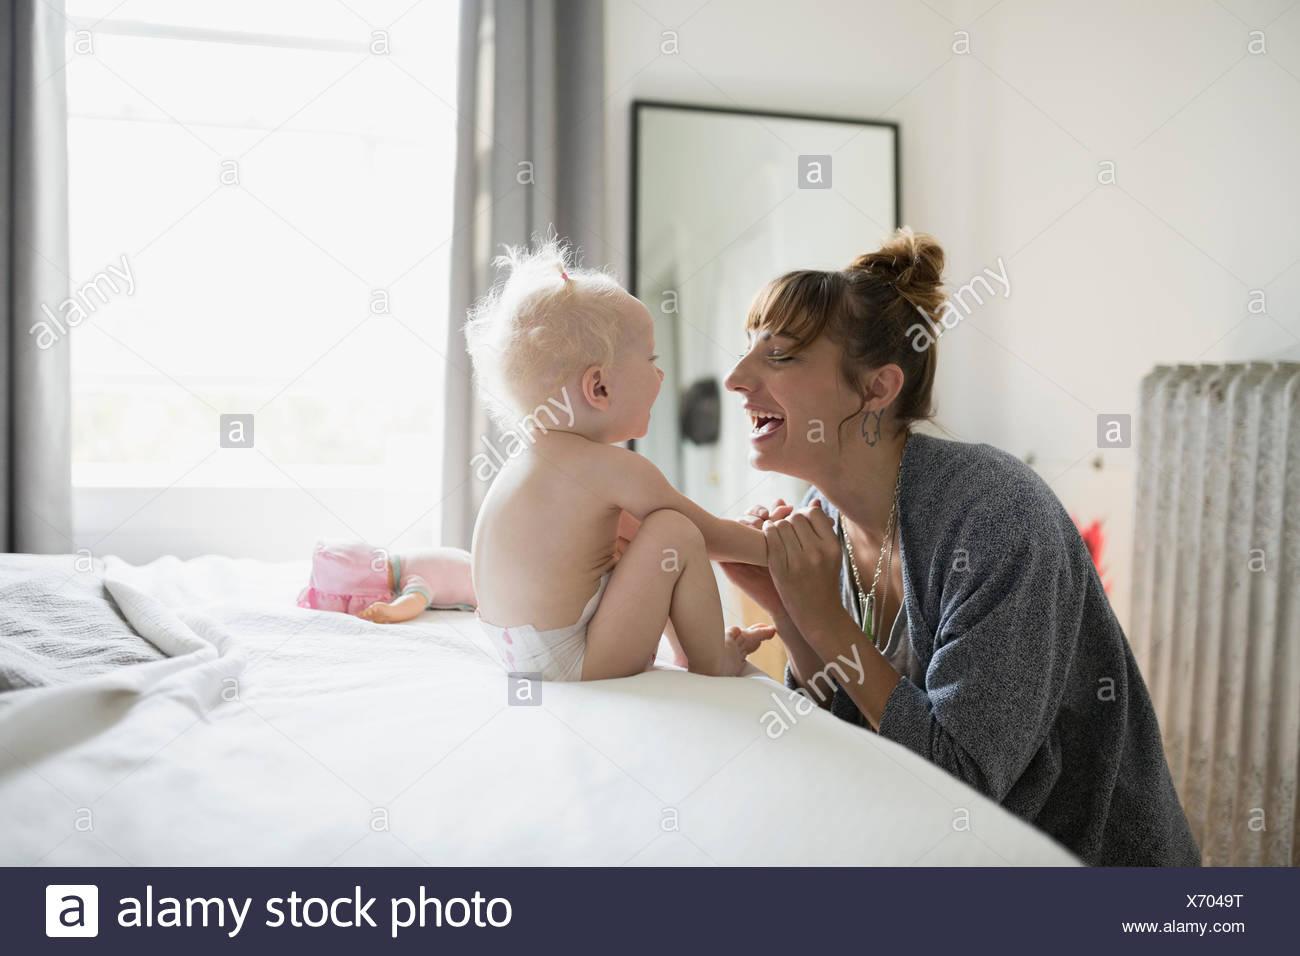 Giocoso il bambino e la madre figlia faccia a faccia sul letto Immagini Stock